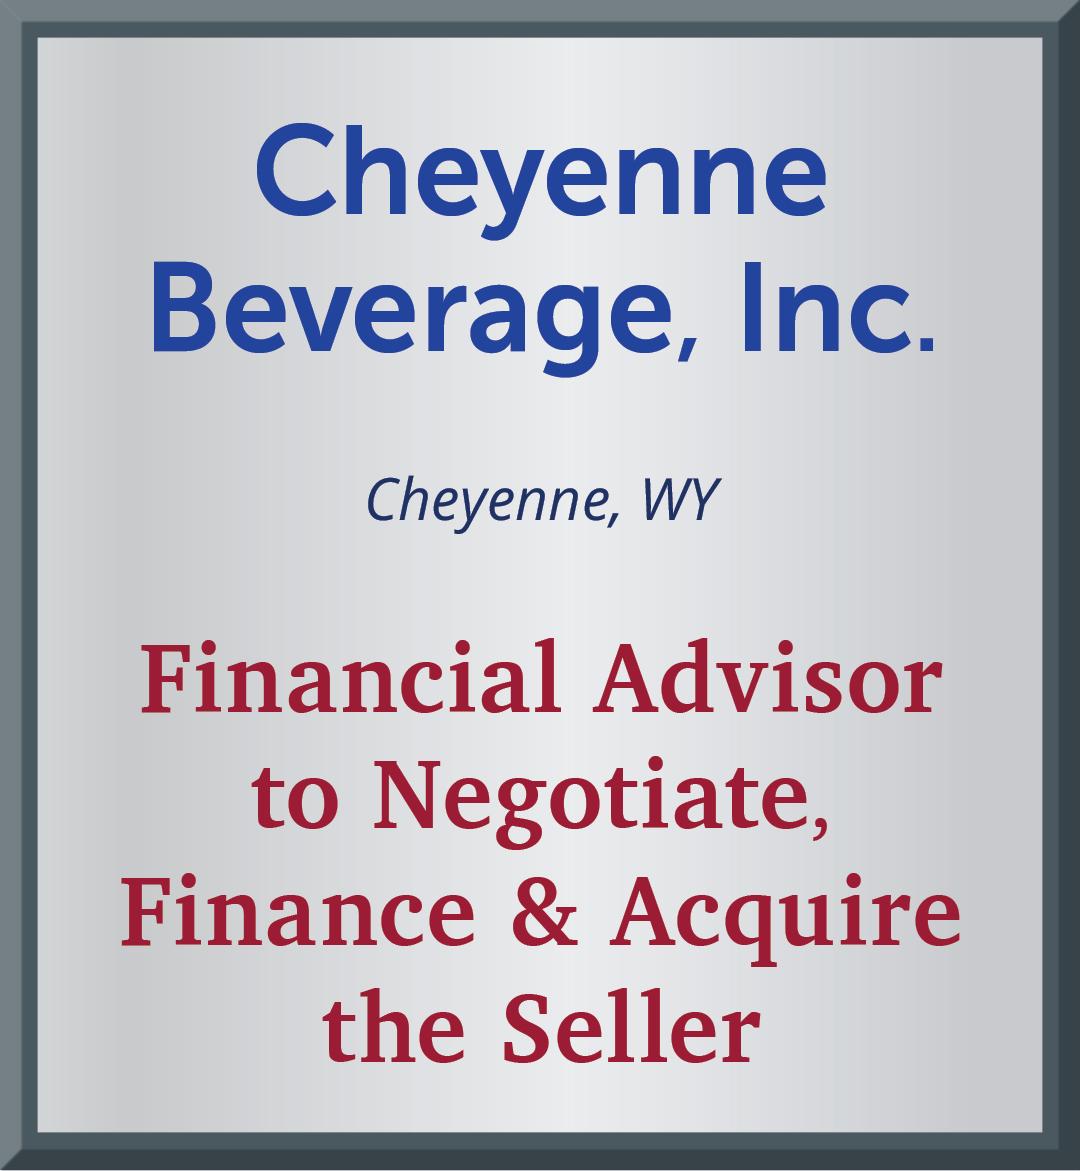 Cheyenne-Bev